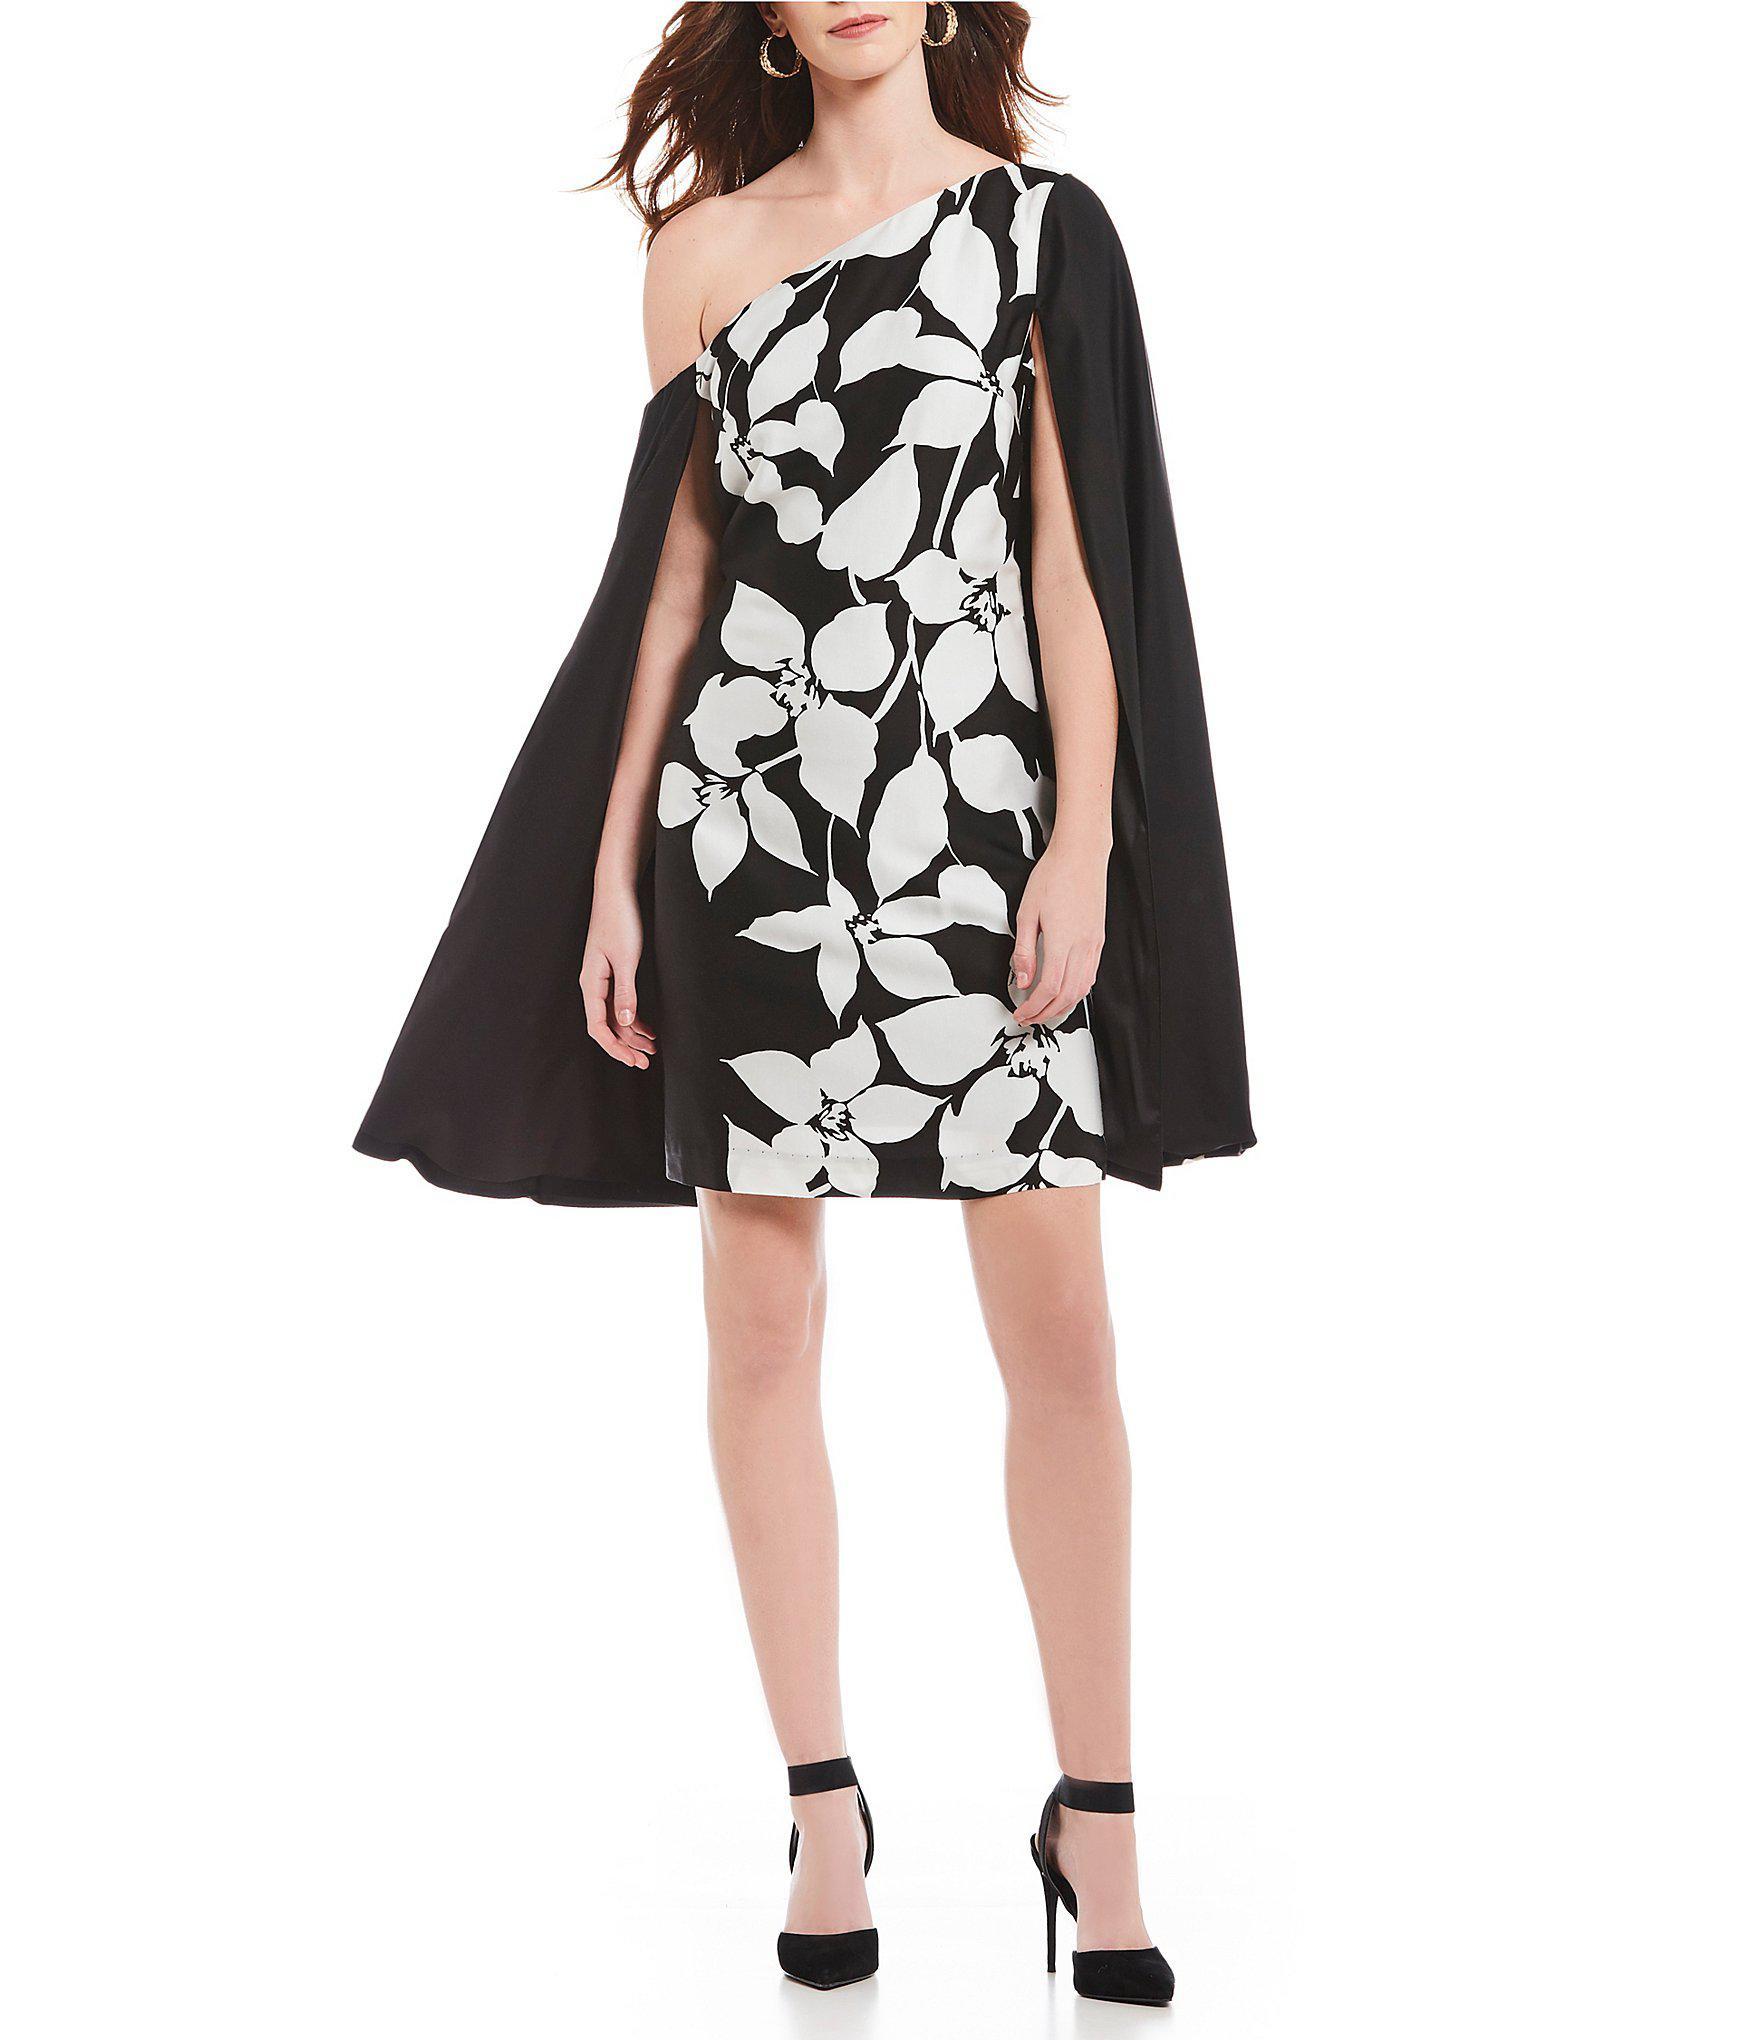 655e5a0ff8a Trina Turk Classic Floral Print One Shoulder Cape Dress in Black - Lyst